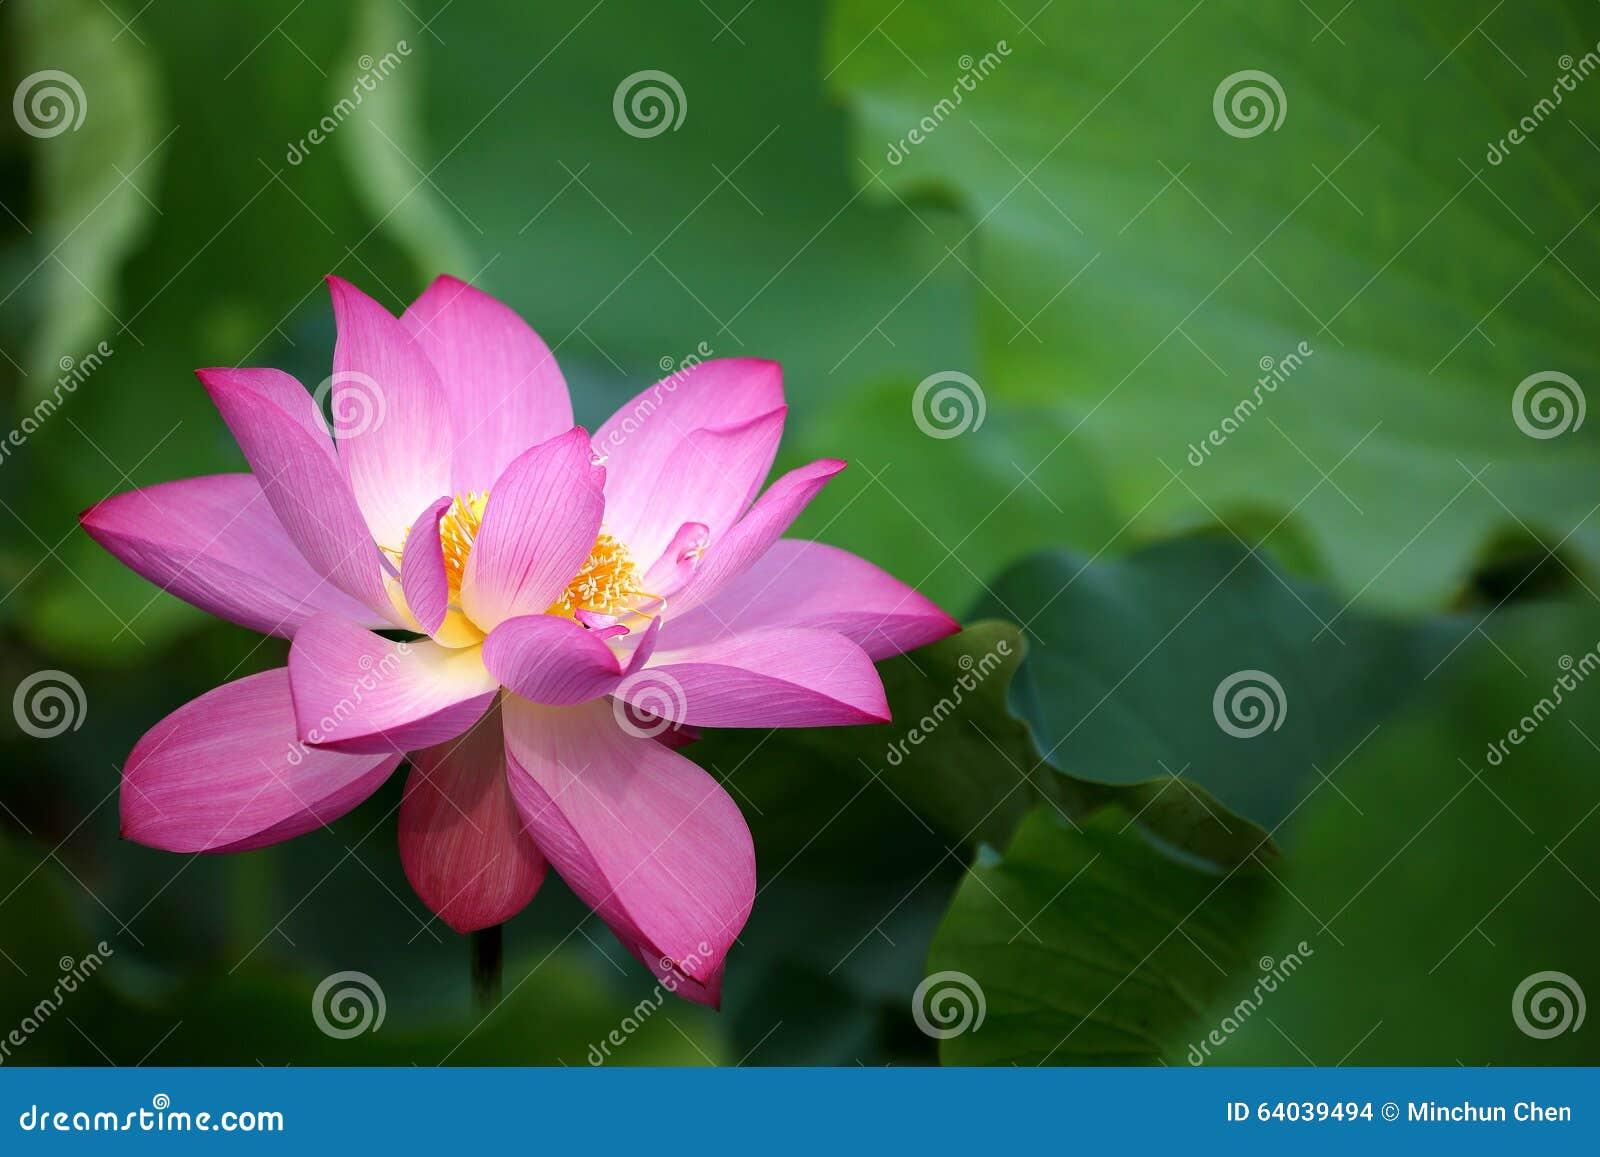 一朵精美桃红色莲花的特写镜头在盛开的